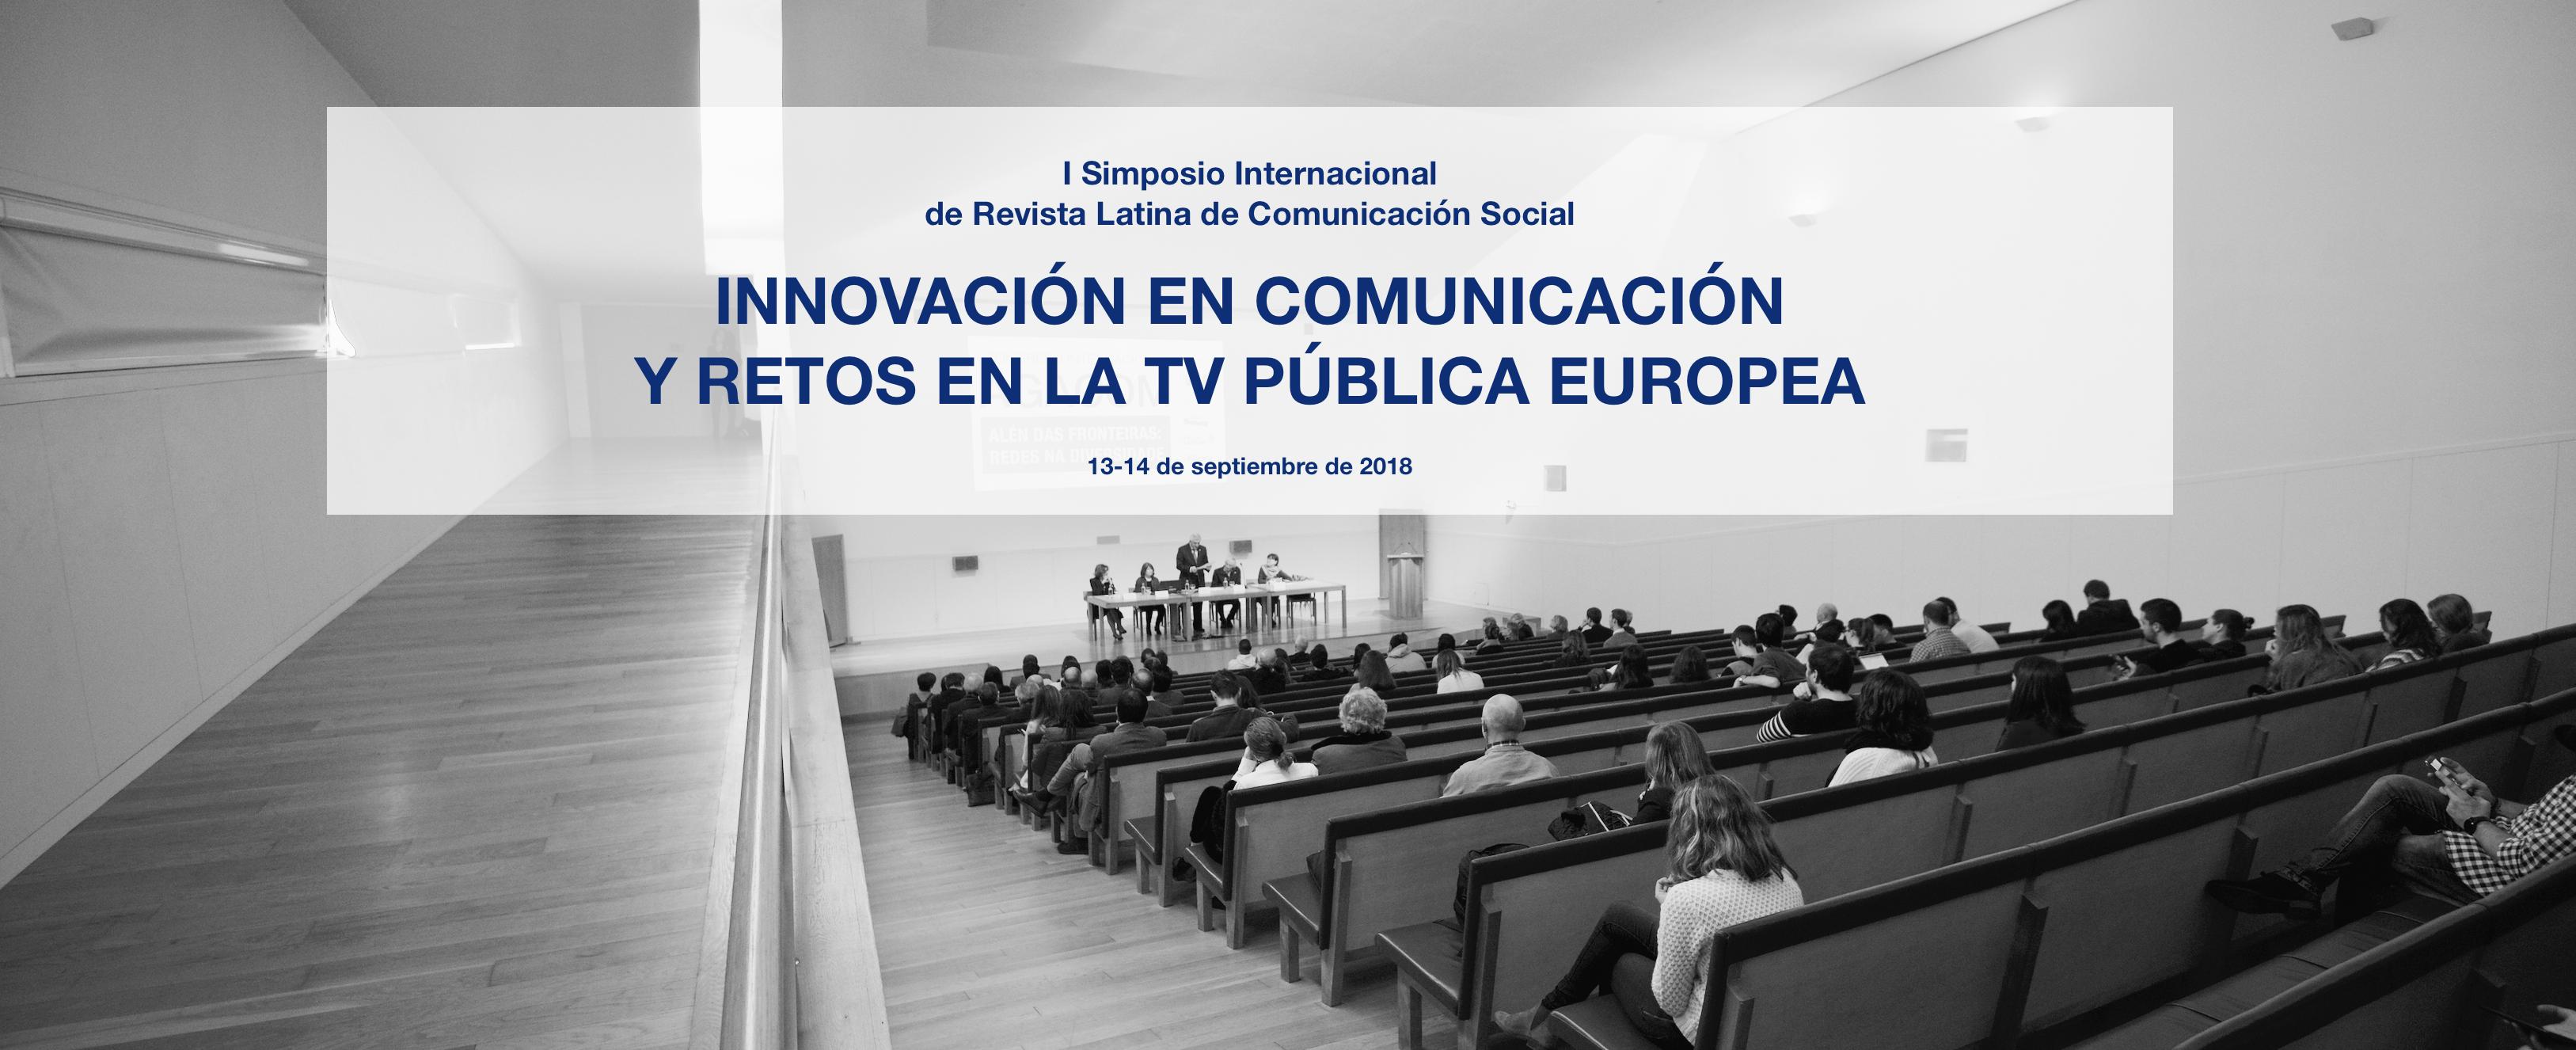 I Simposio Internacional de Revista Latina de Comunicación Social